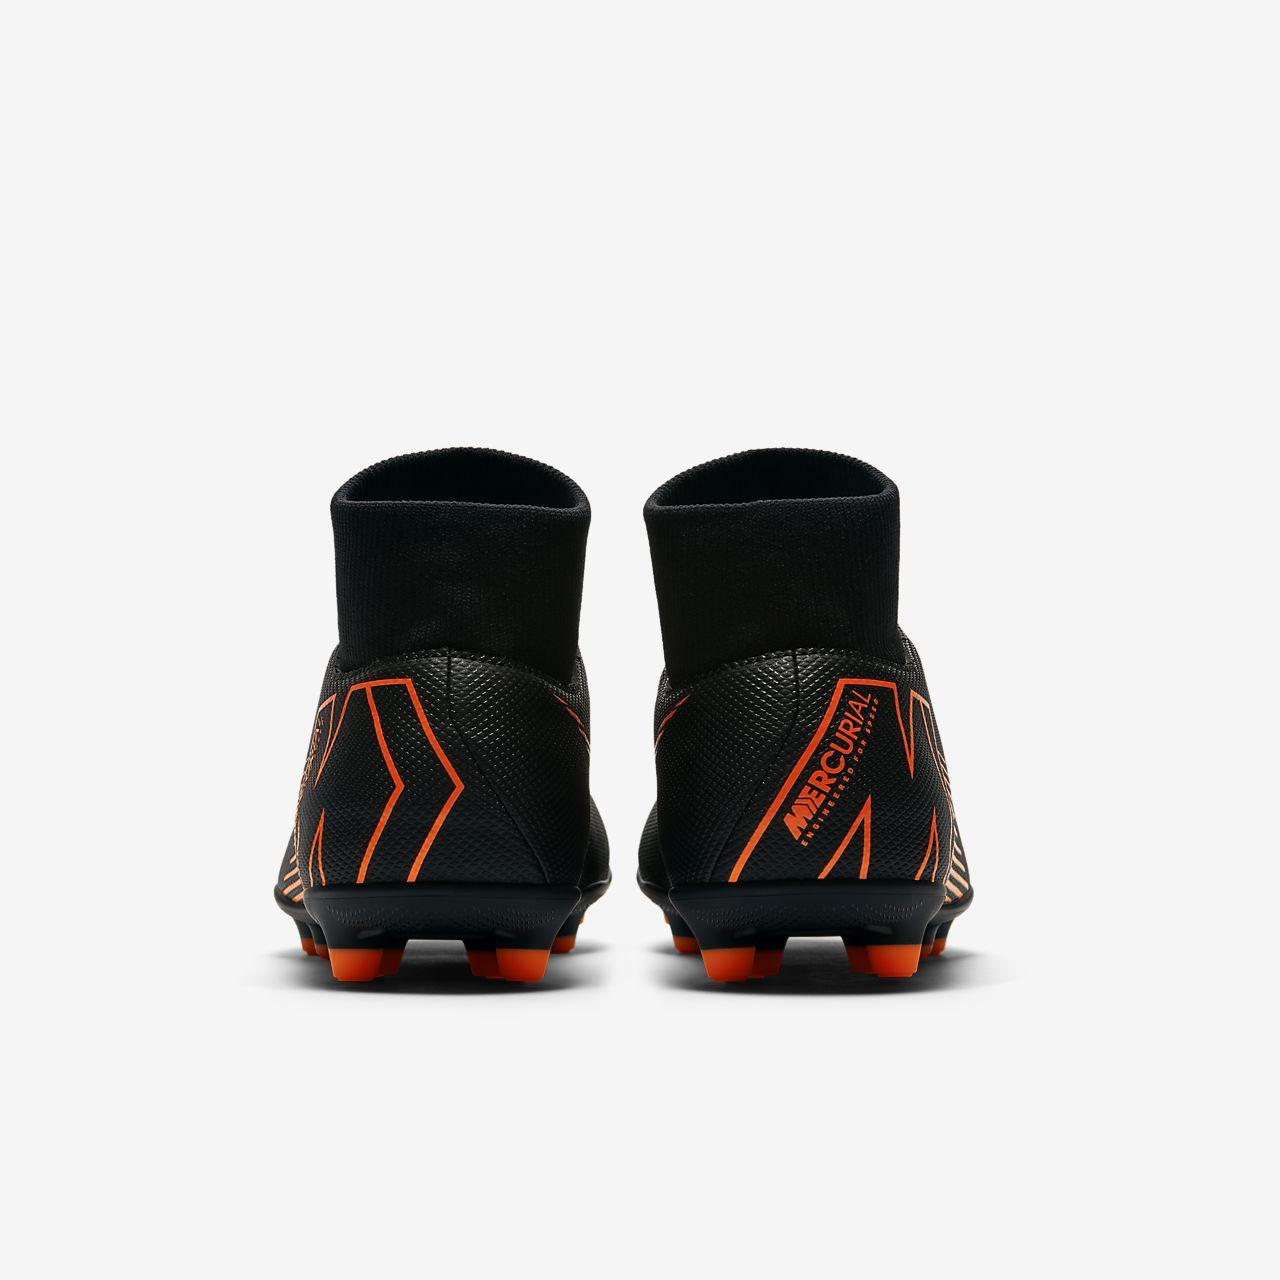 Nike Mercurial Superfly VI Club MG Fußballschuh für verschiedene Böden